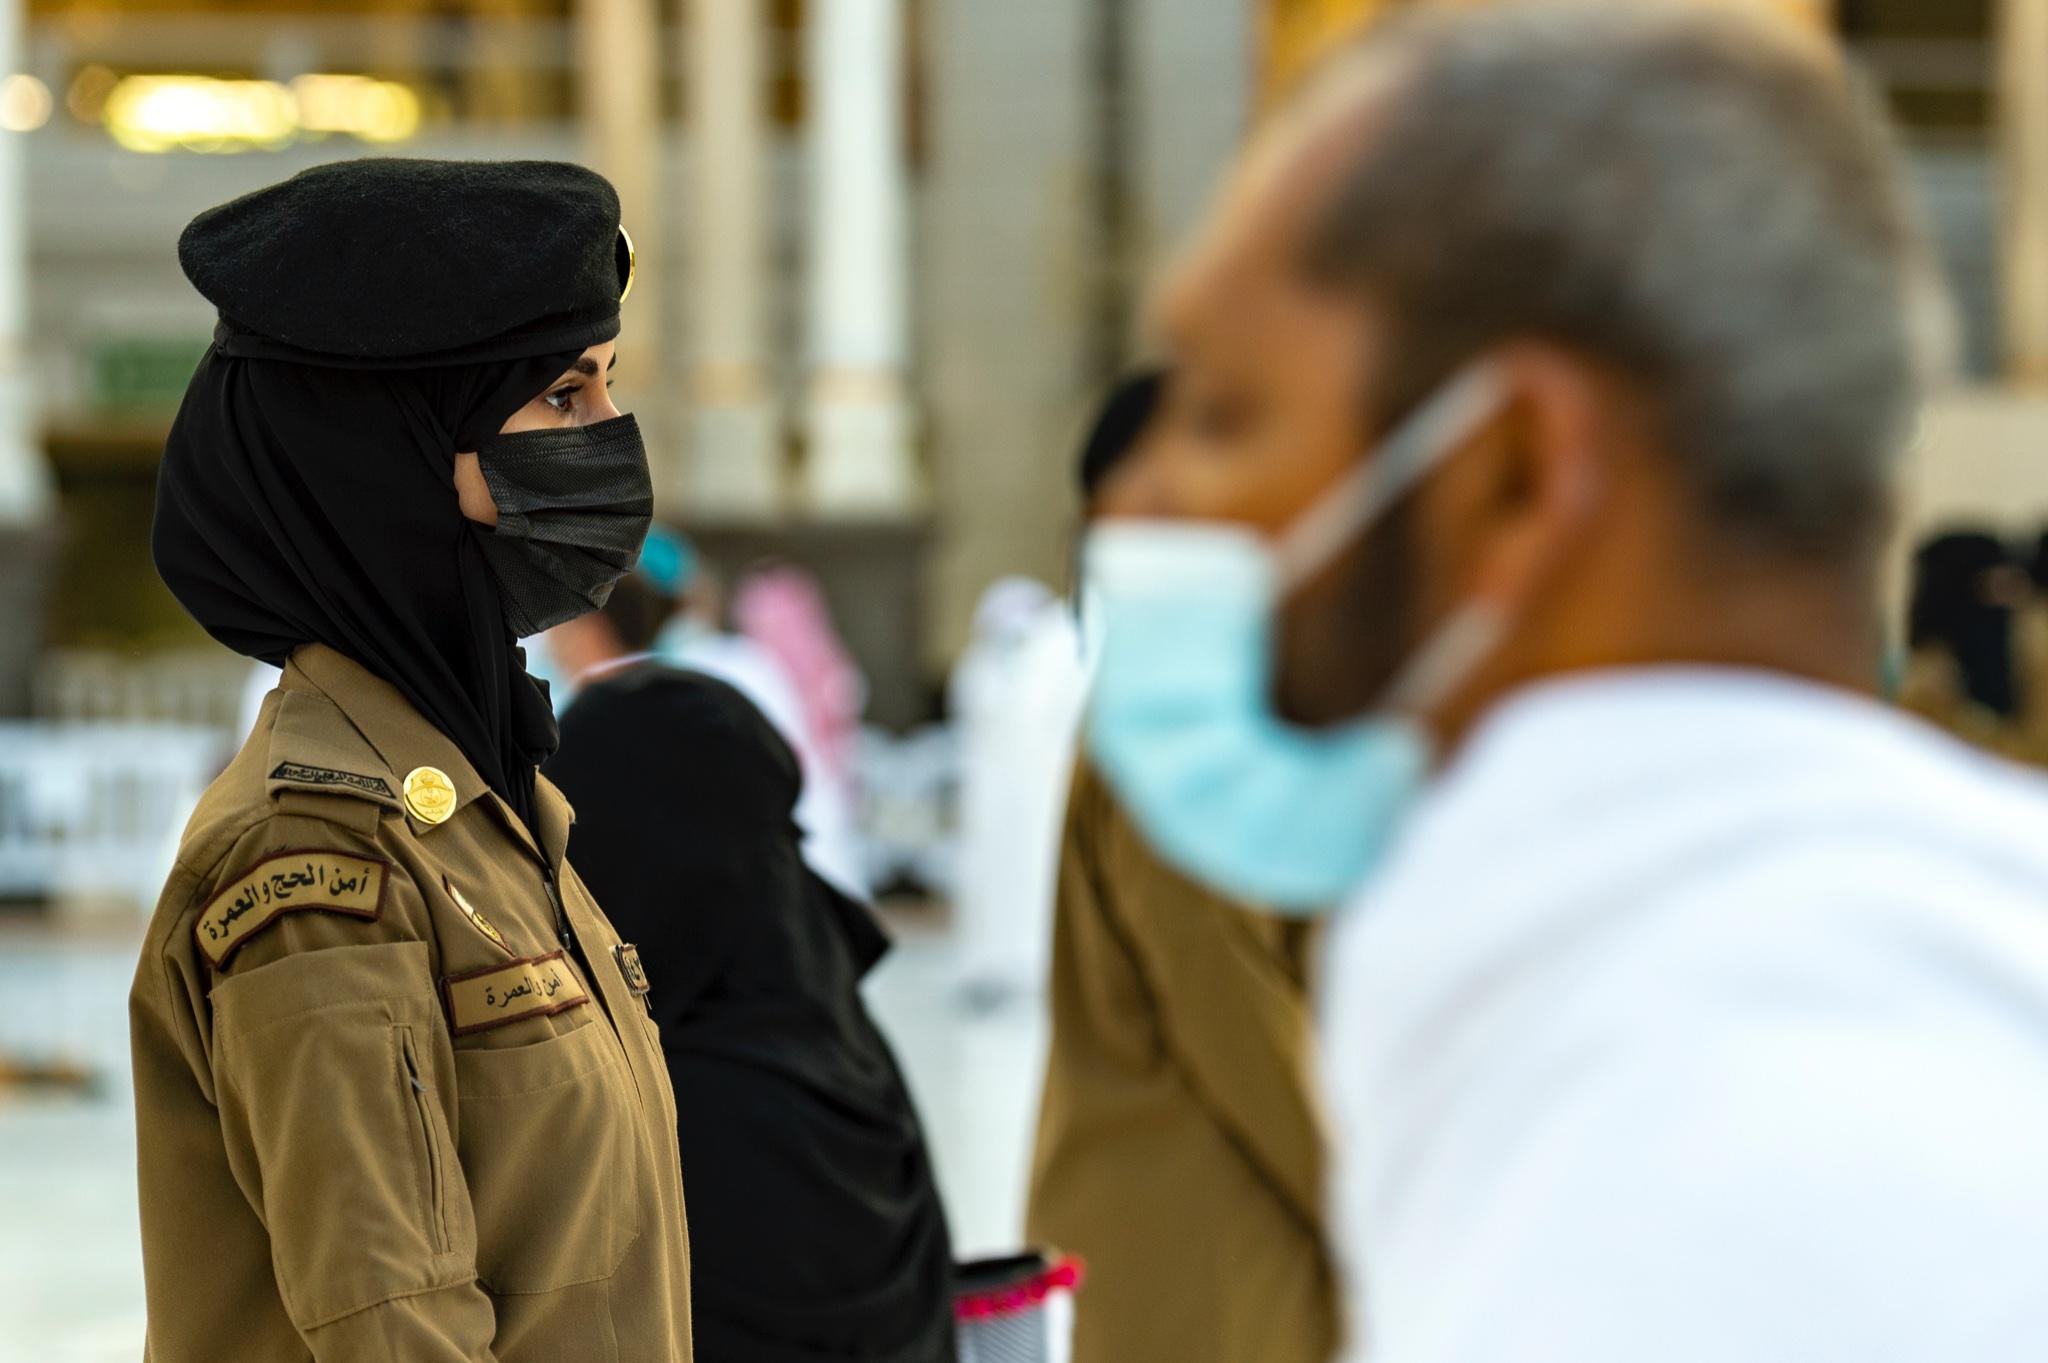 شرطية سعودية تساعد فى تطبيق الإجراءات الاحترازية والمتابعة الأمنية  فى المسجد الحرام